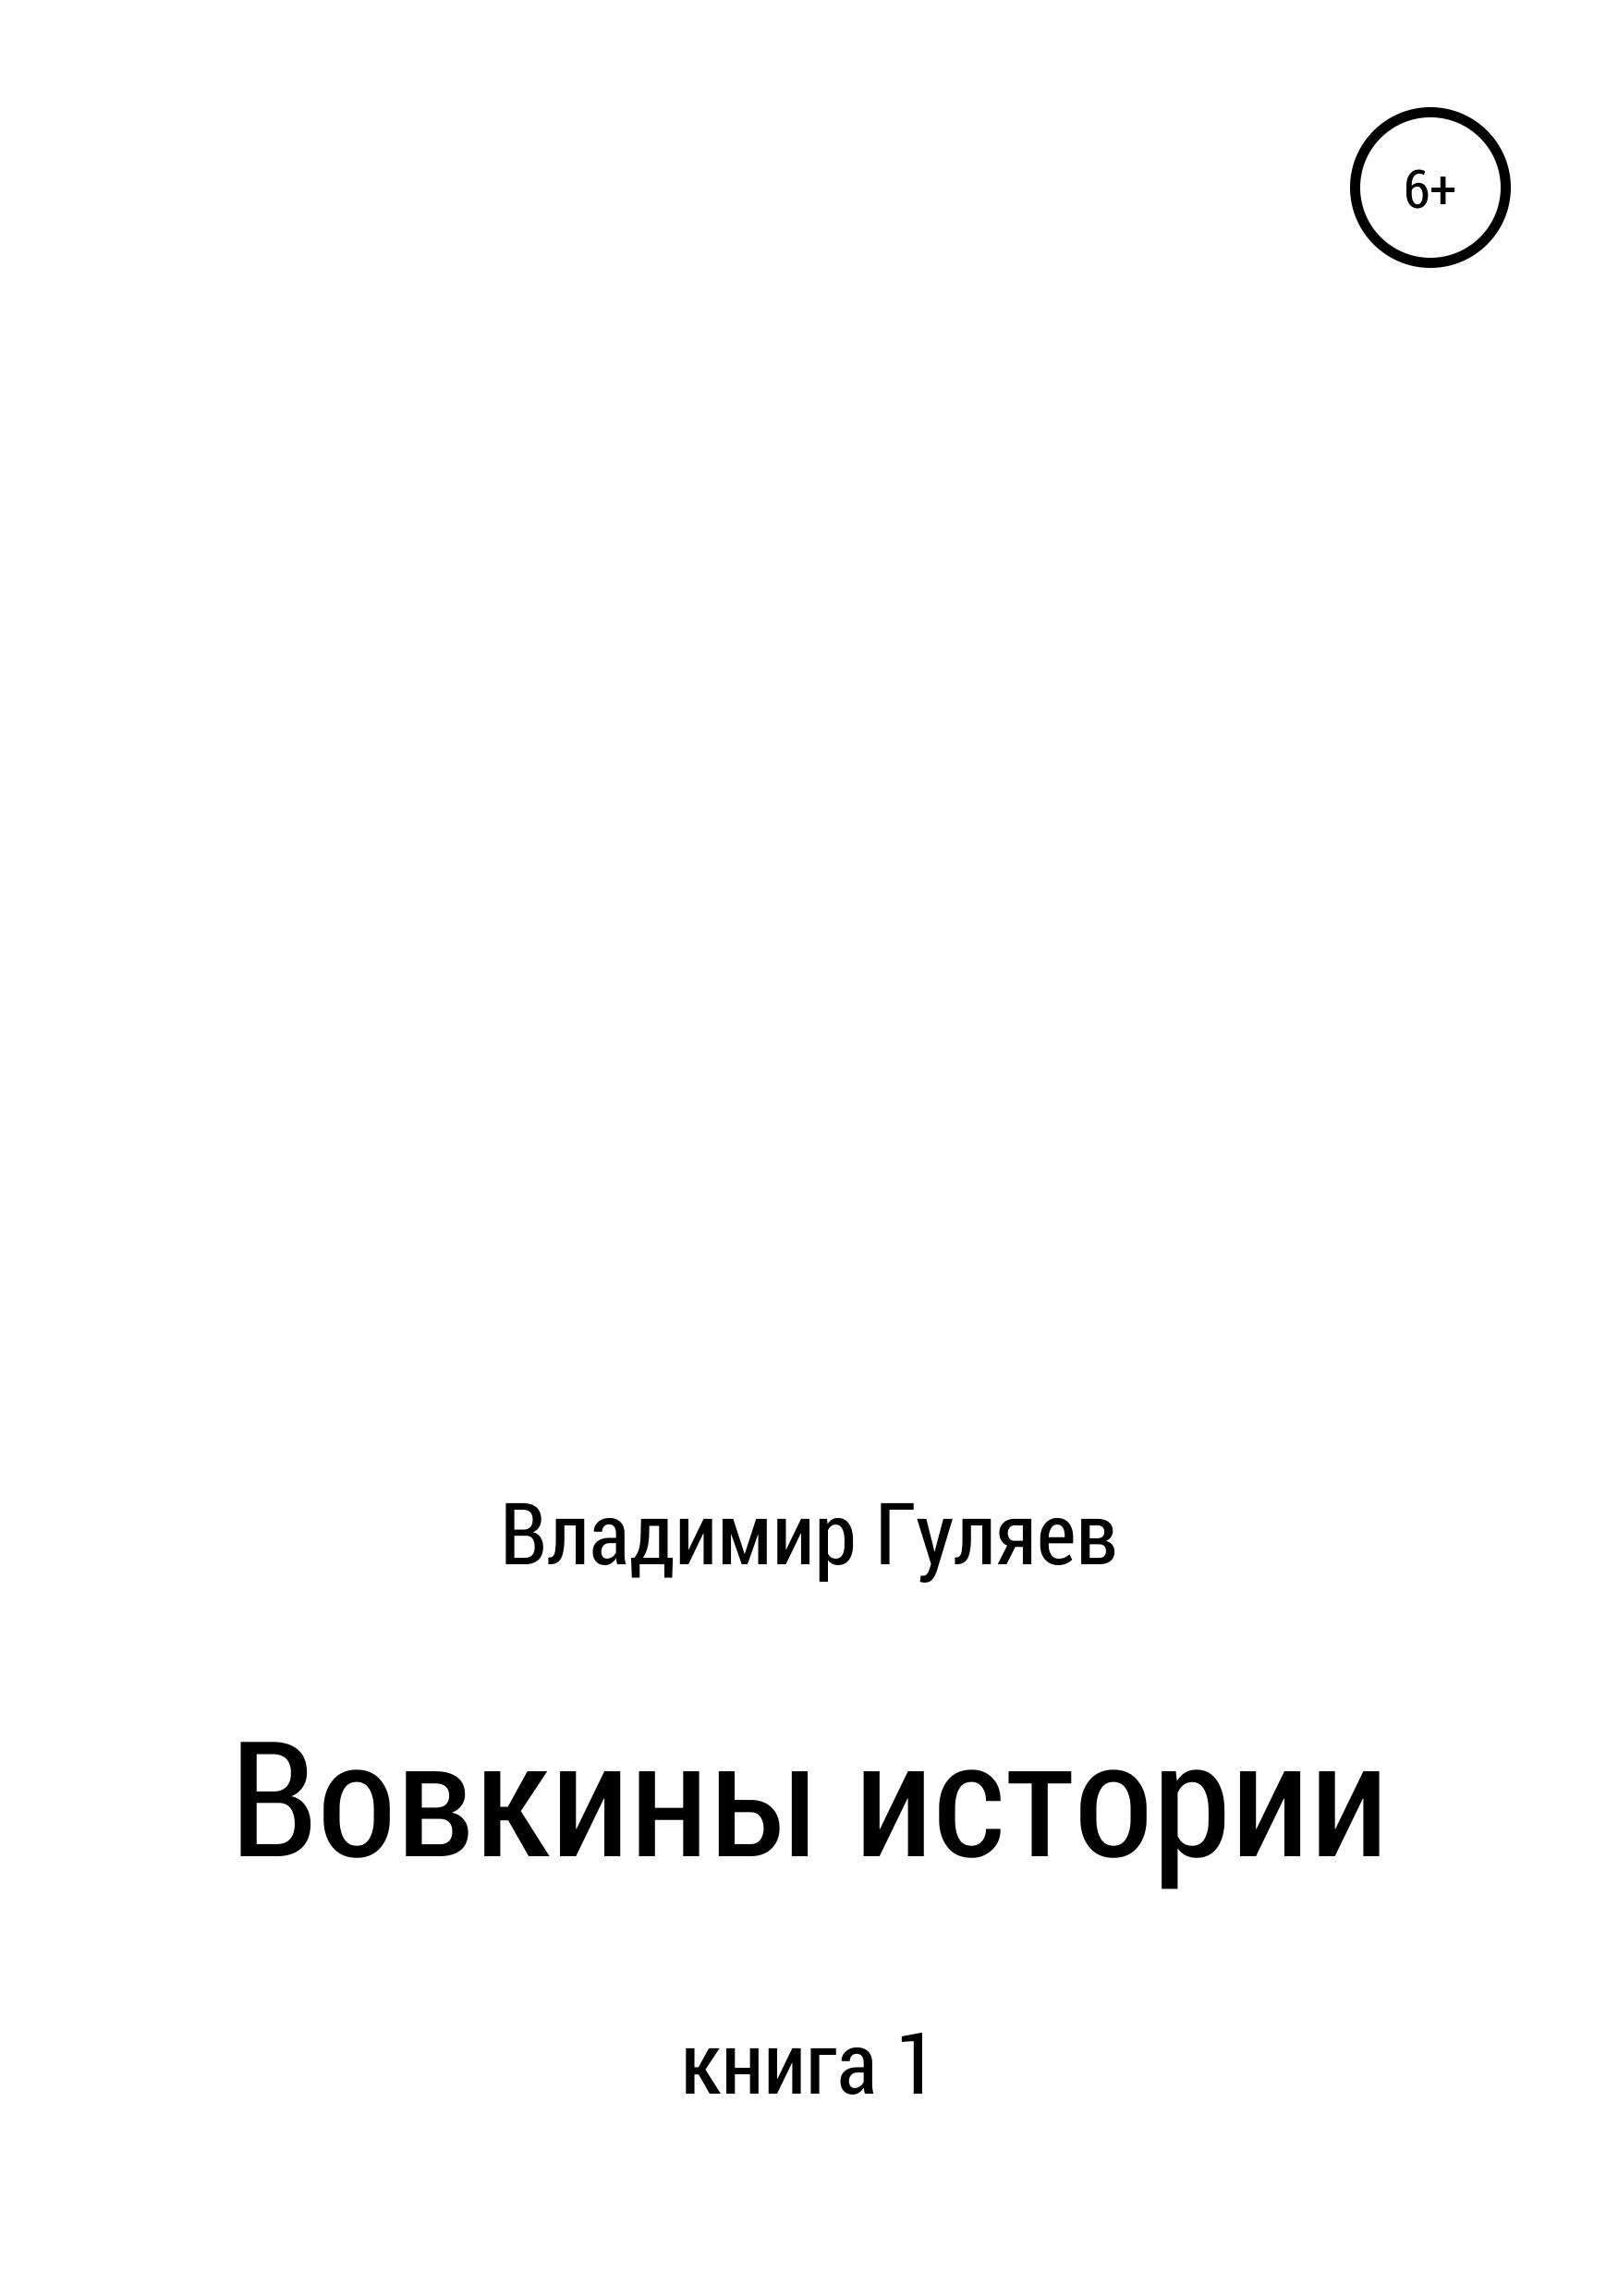 Владимир Георгиевич Гуляев Вовкины истории. Книга 1 авиабилеты цены норильск